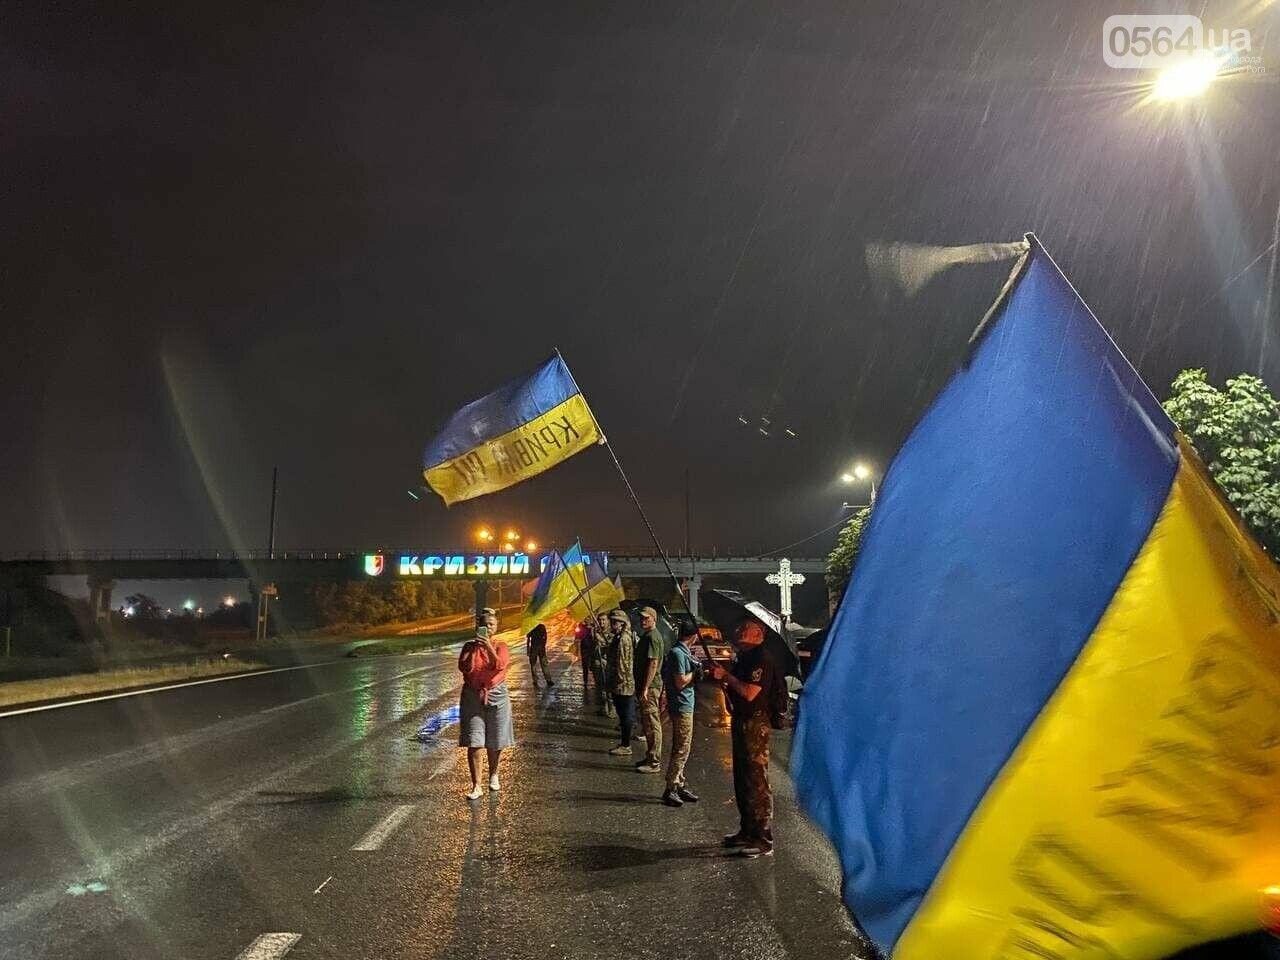 Ночью, под дождем, криворожане встречали своего павшего земляка на въезде в город